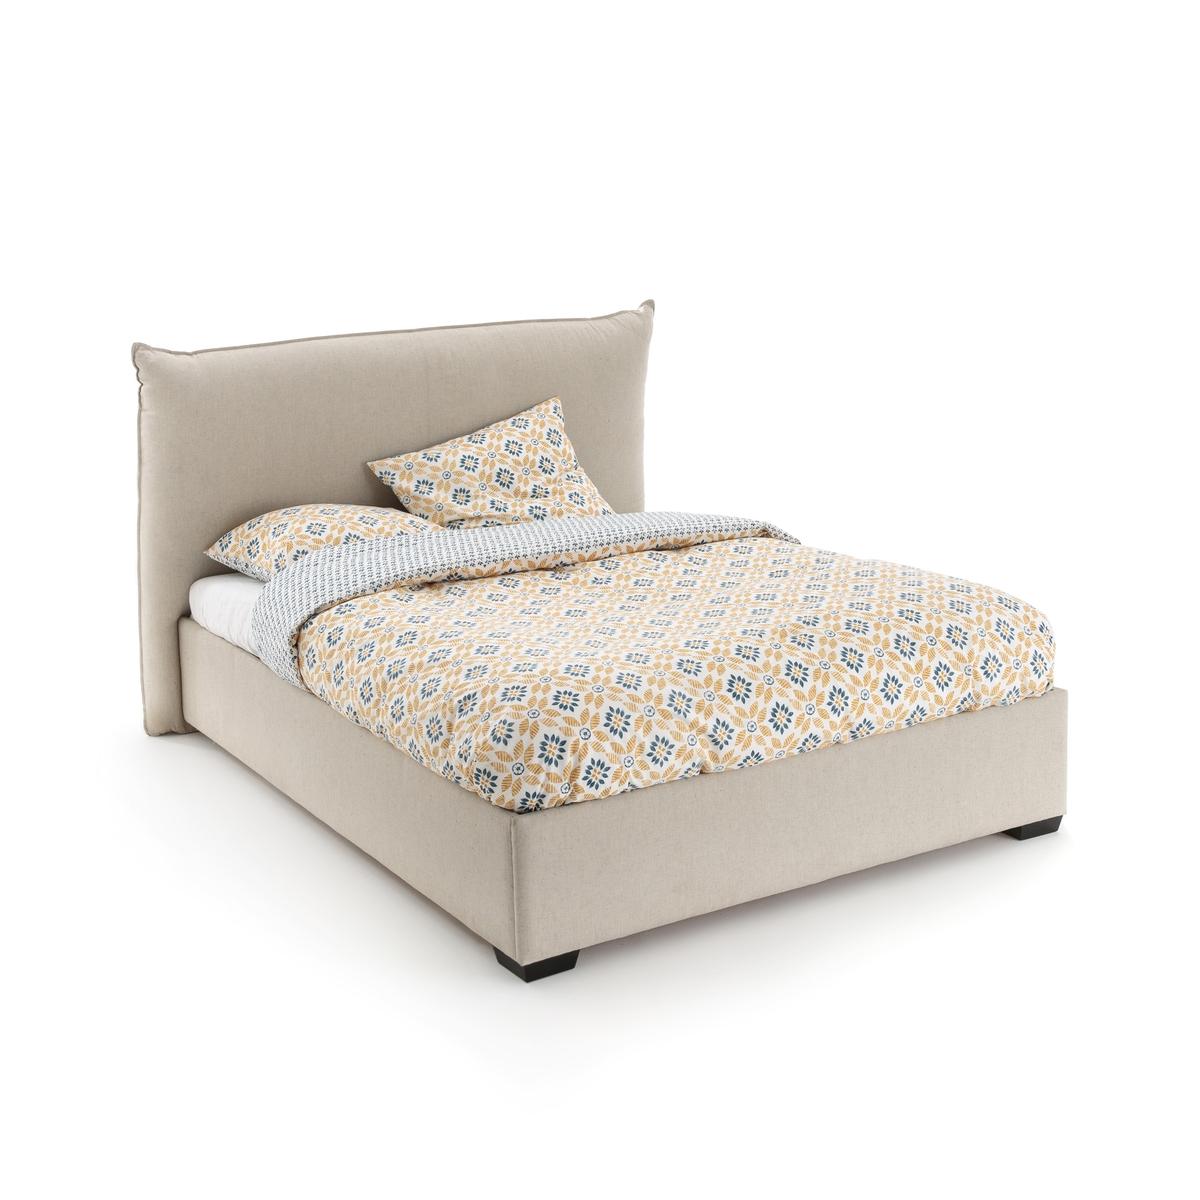 цена Кровать-ящик La Redoute С поднимающейся основой PANCHO 160 x 200 см бежевый онлайн в 2017 году